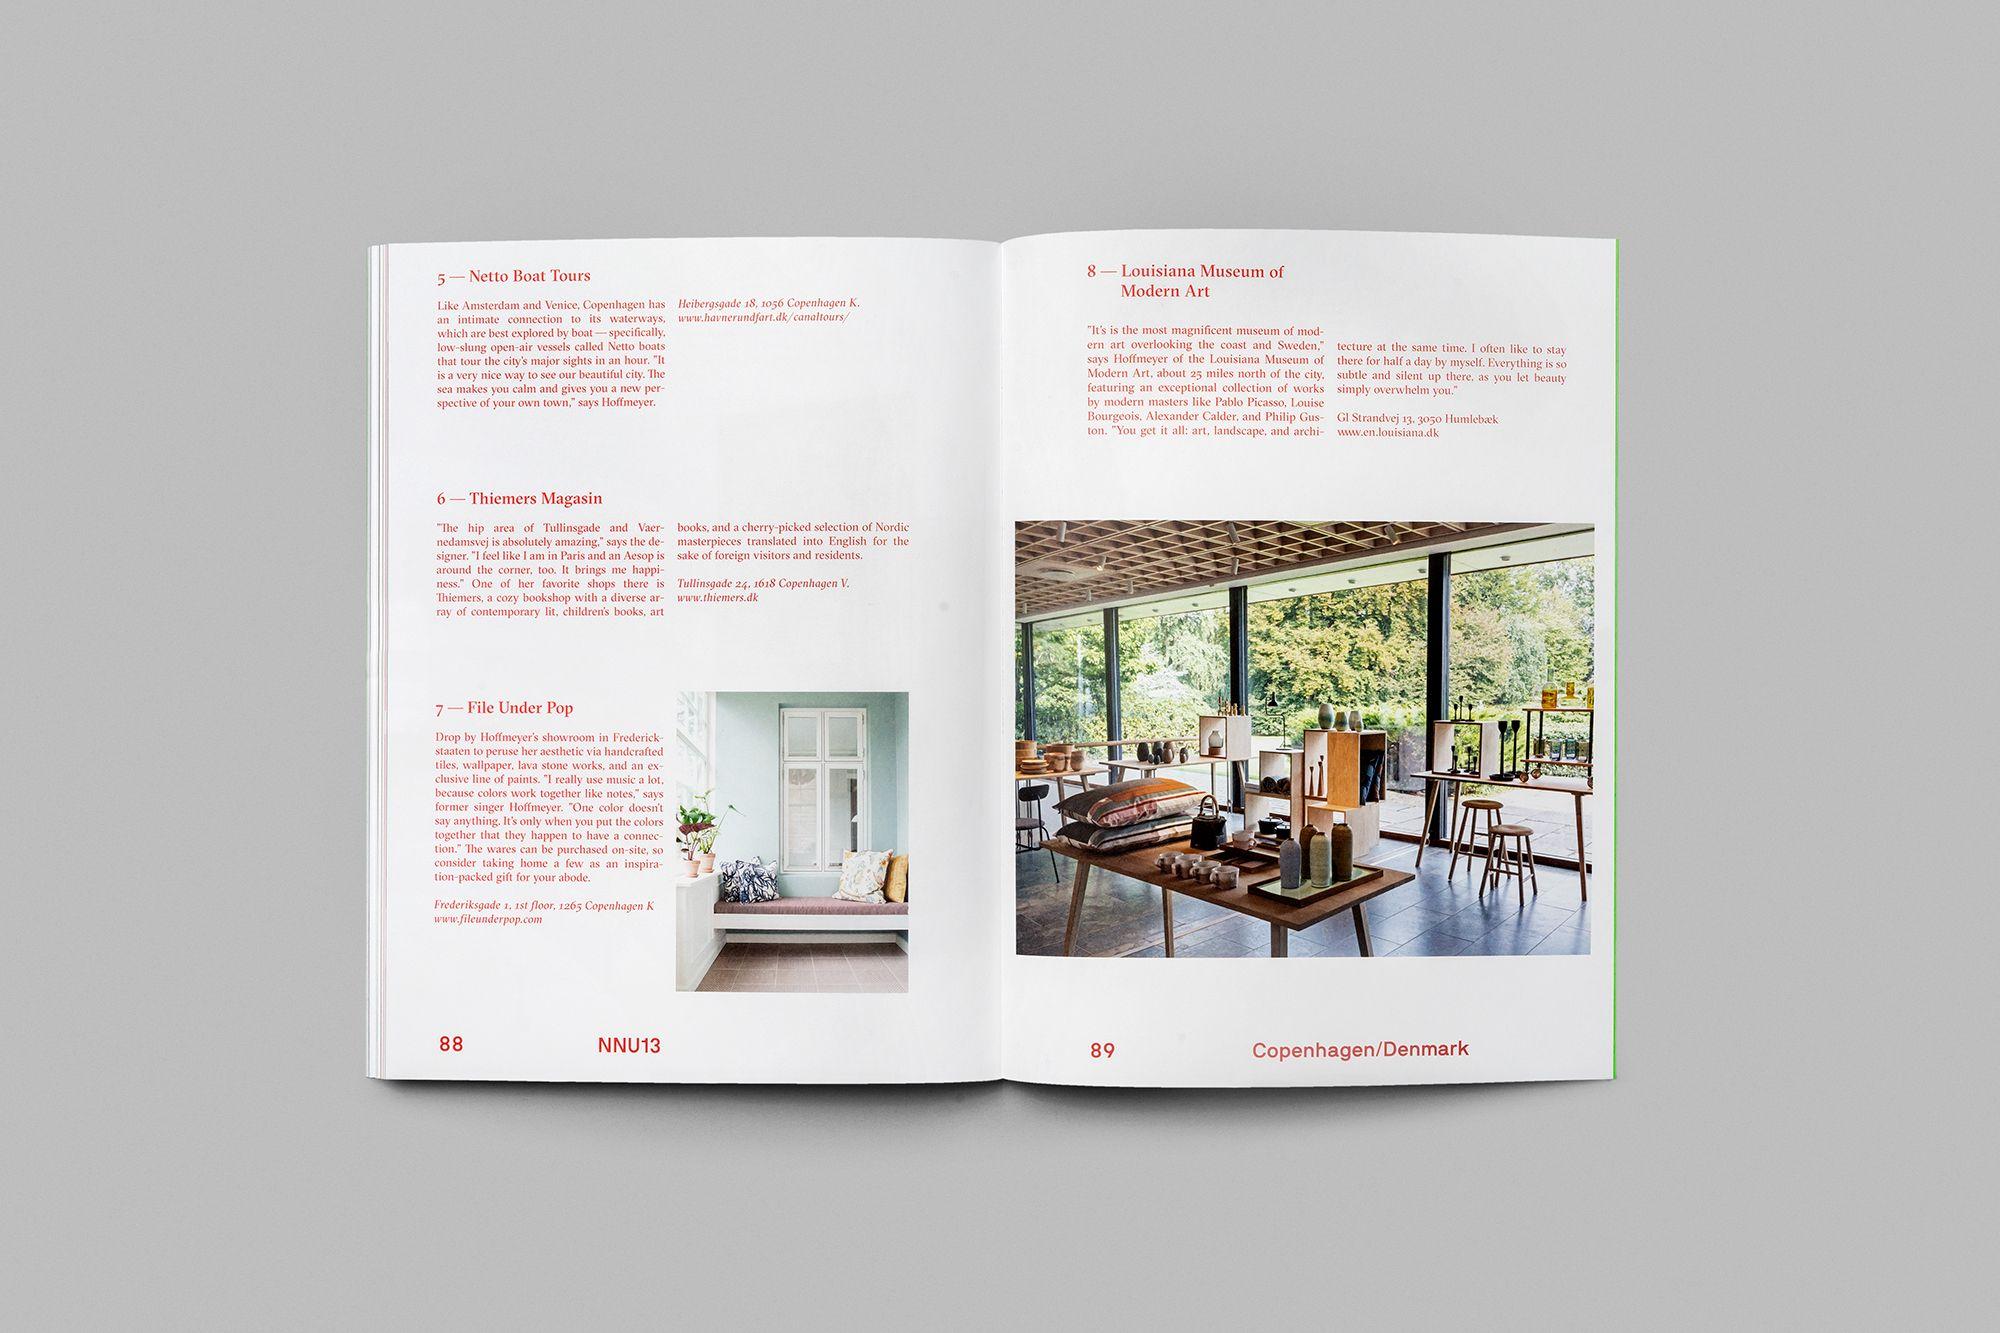 Https Www Behance Net Gallery 54861205 Nnu Magazine Issue No 13